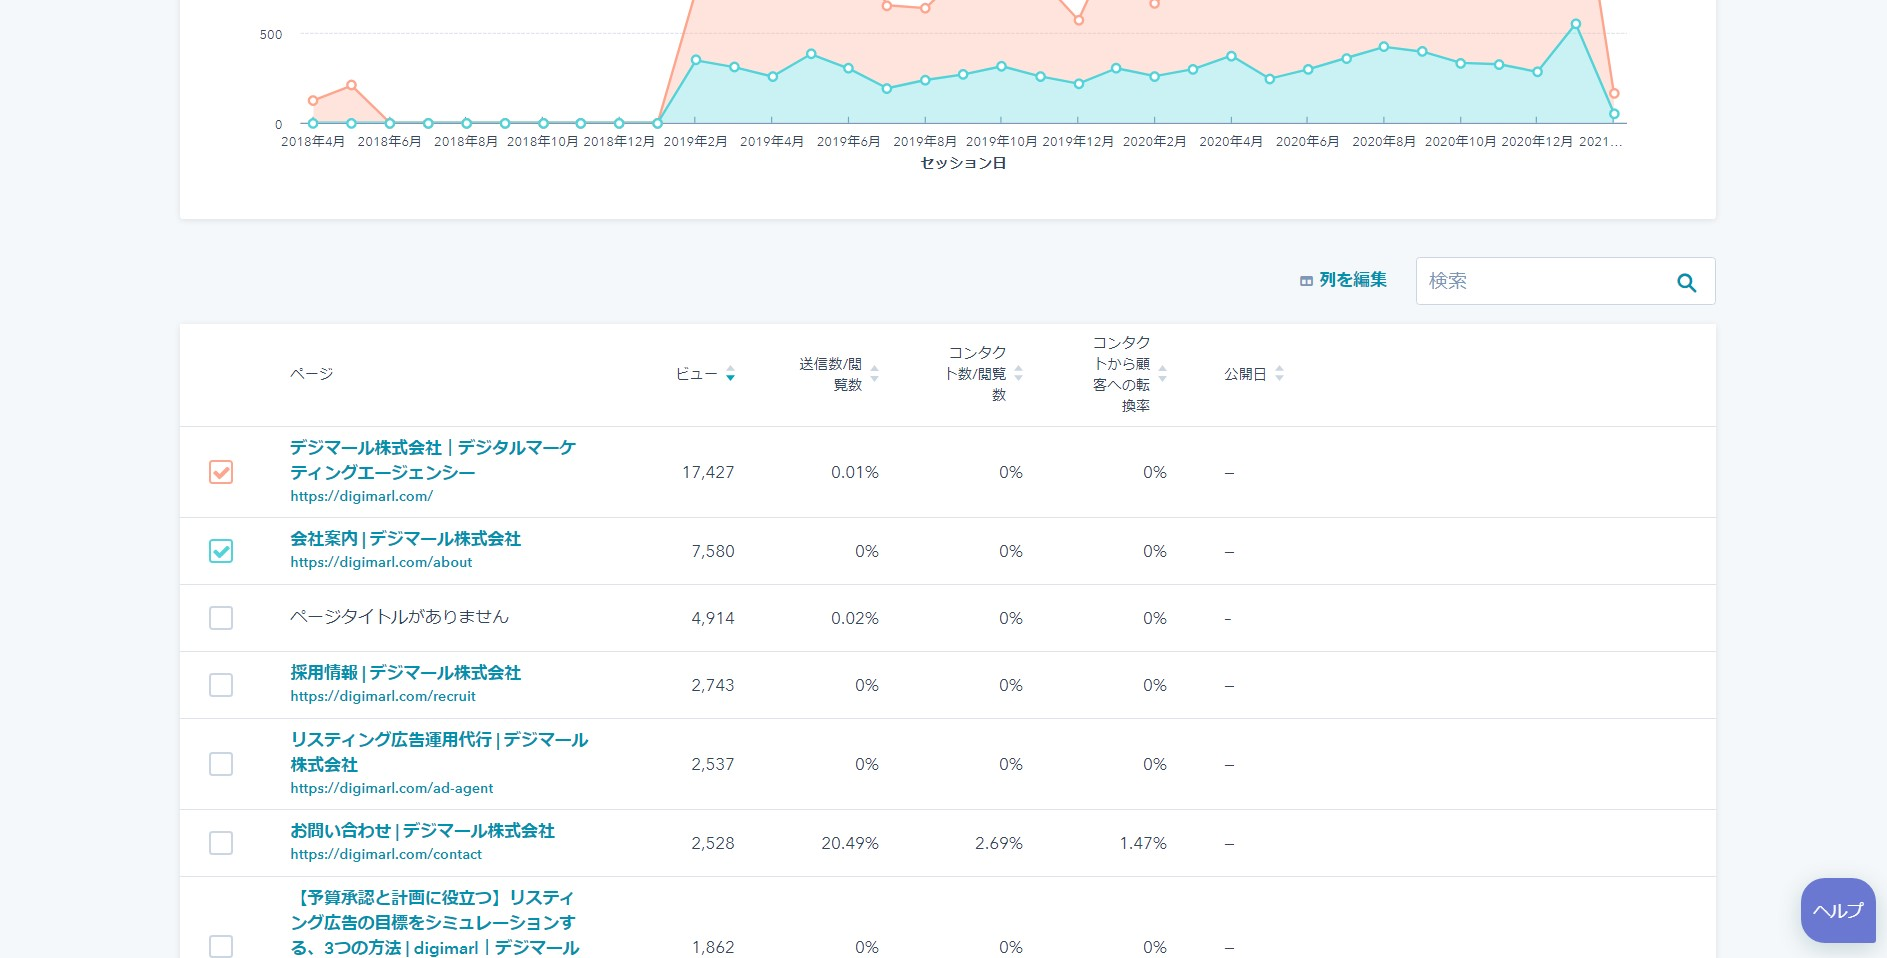 HubSpotのページアナリティクス